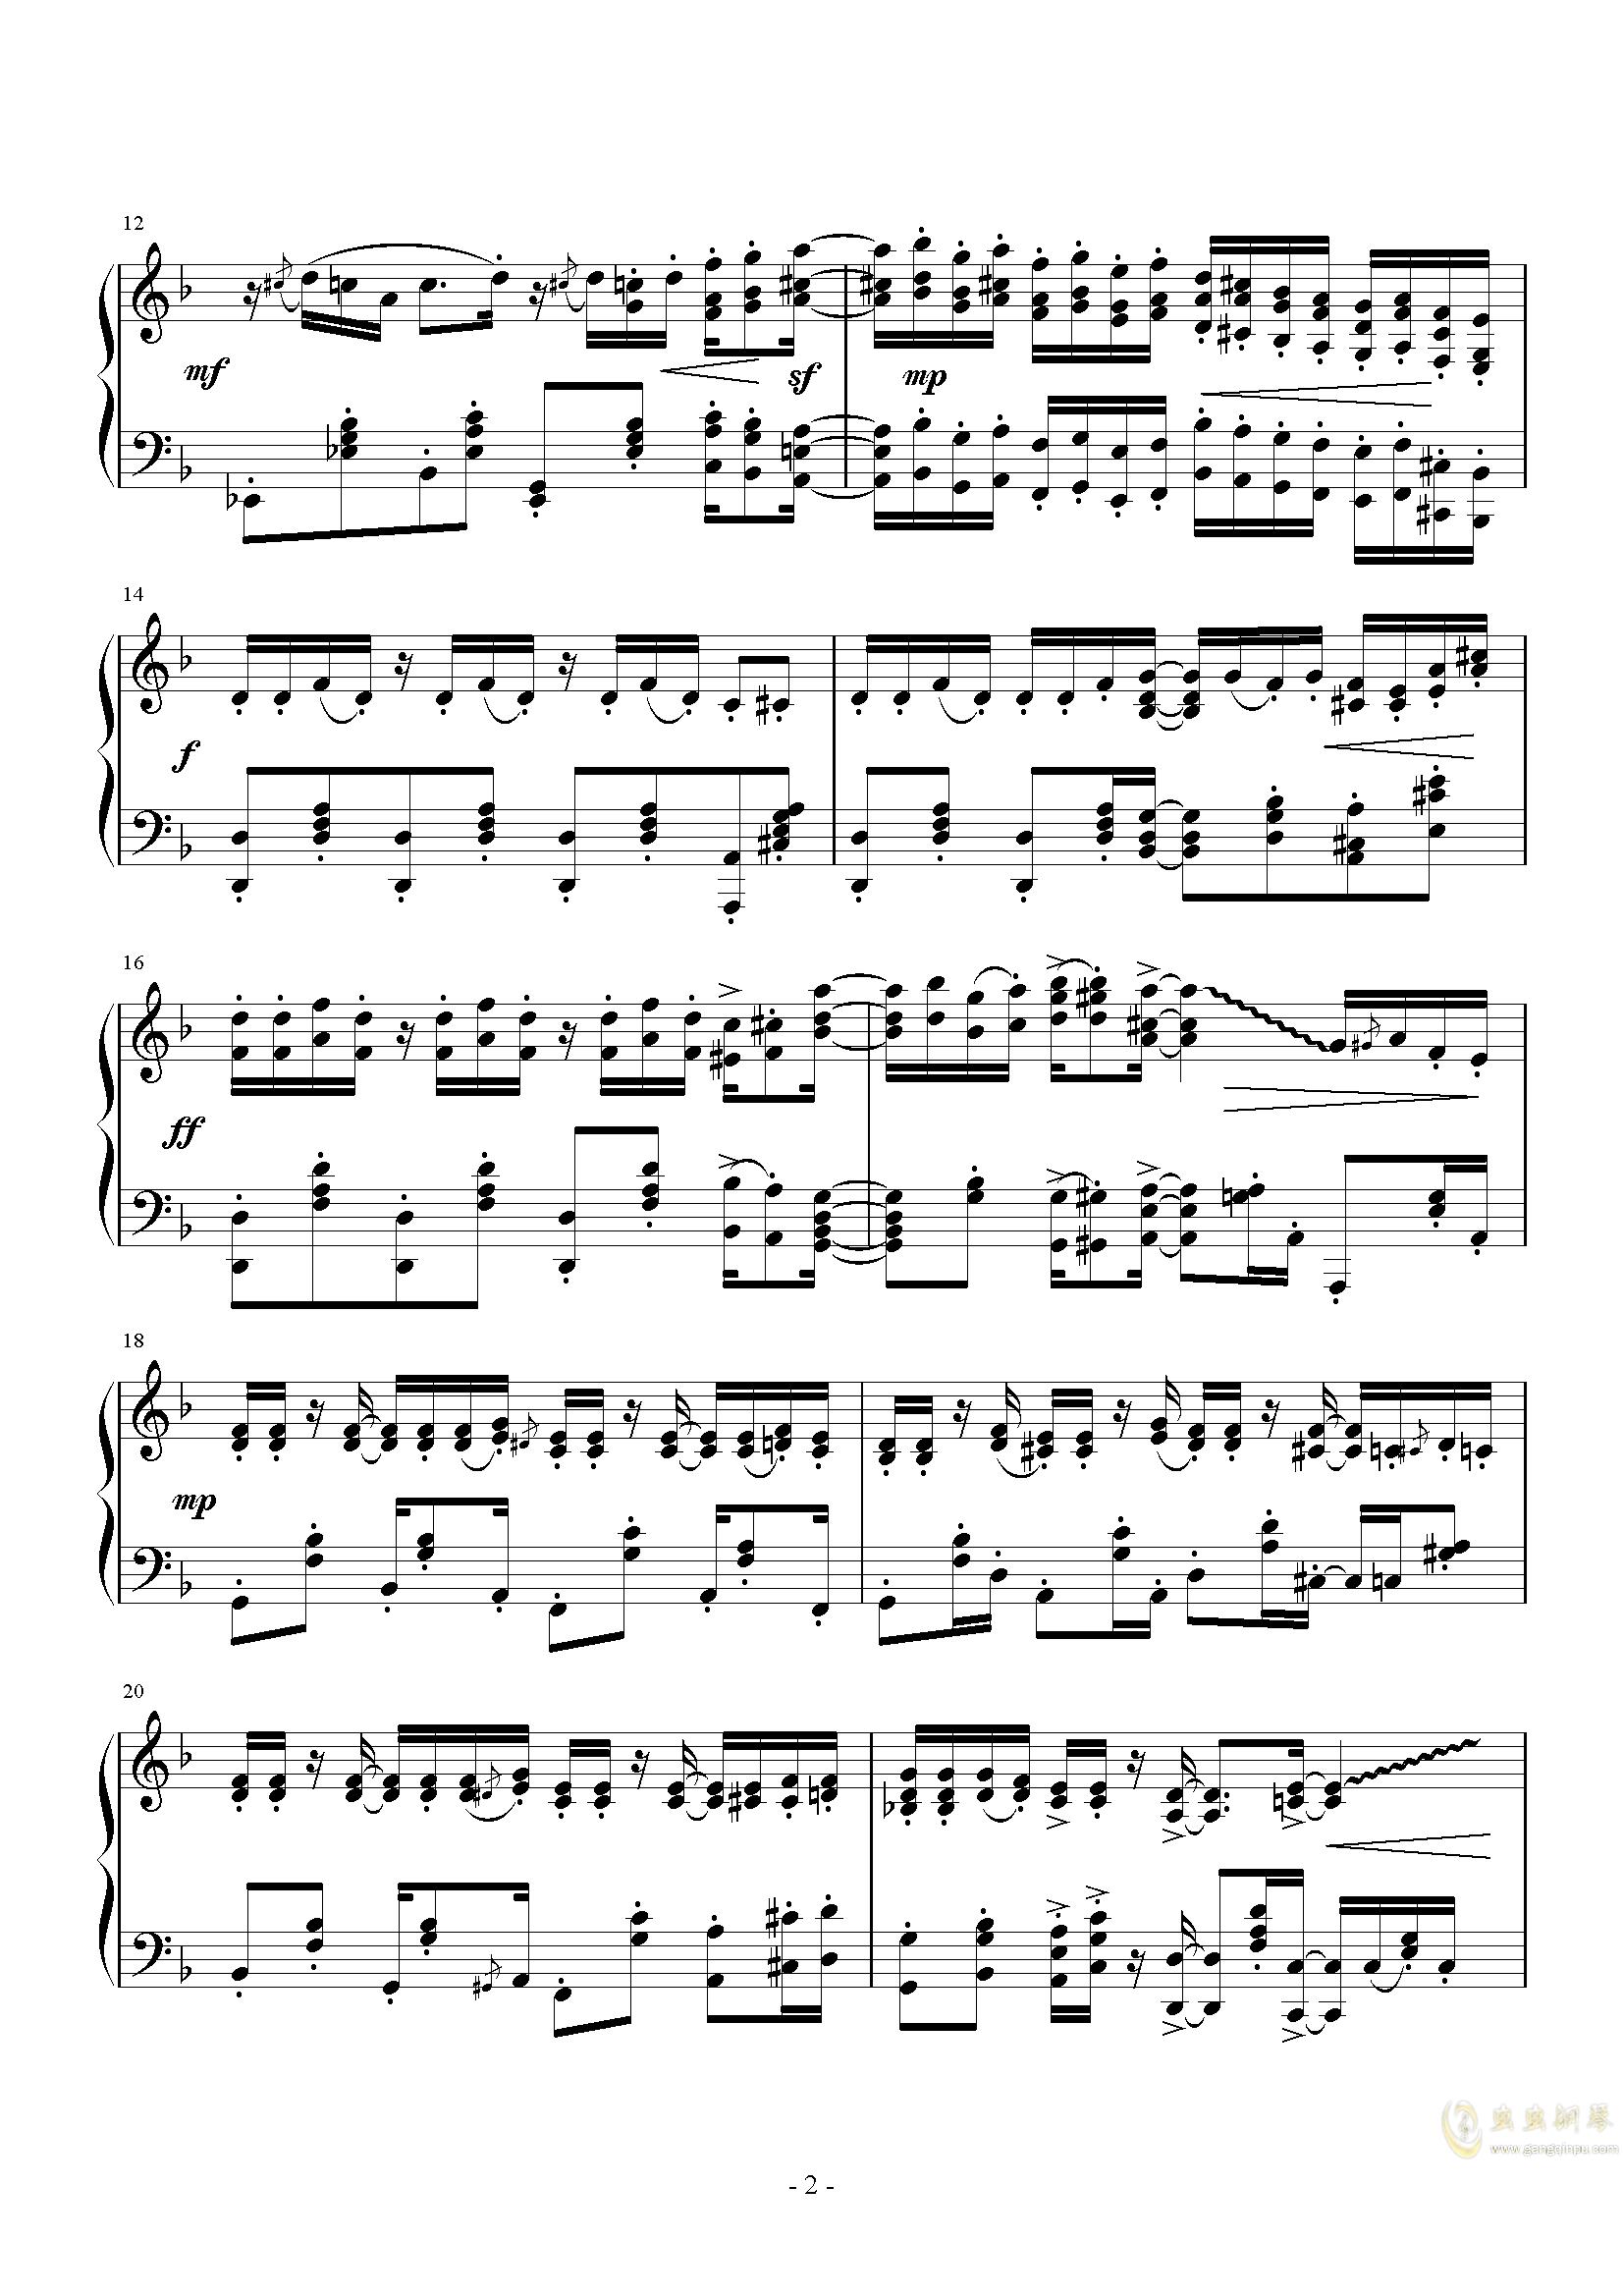 瘋狂小爵士钢琴谱 第2页